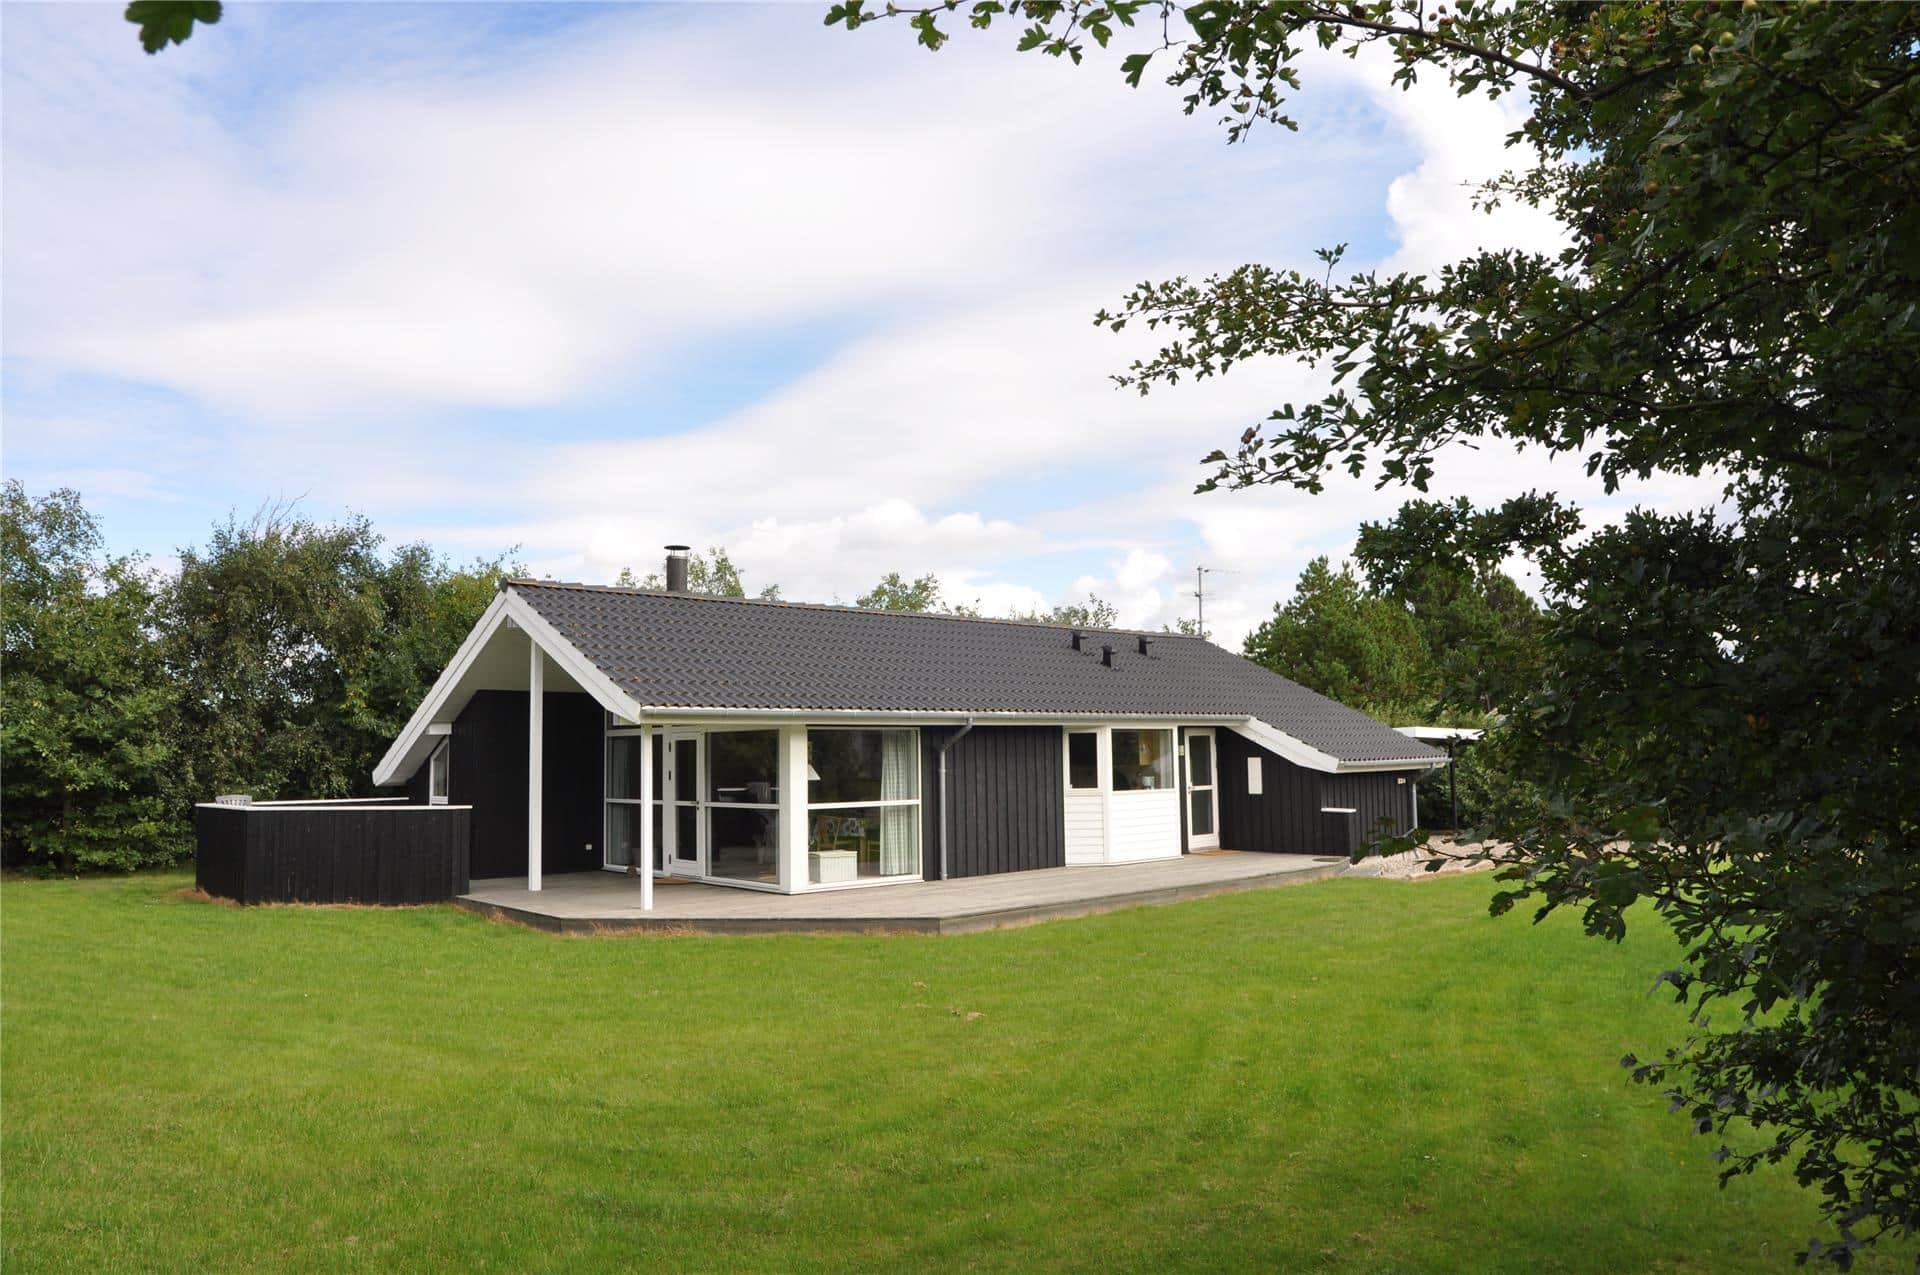 Billede 1-175 Sommerhus 40870, Helmklit 224, DK - 6990 Ulfborg